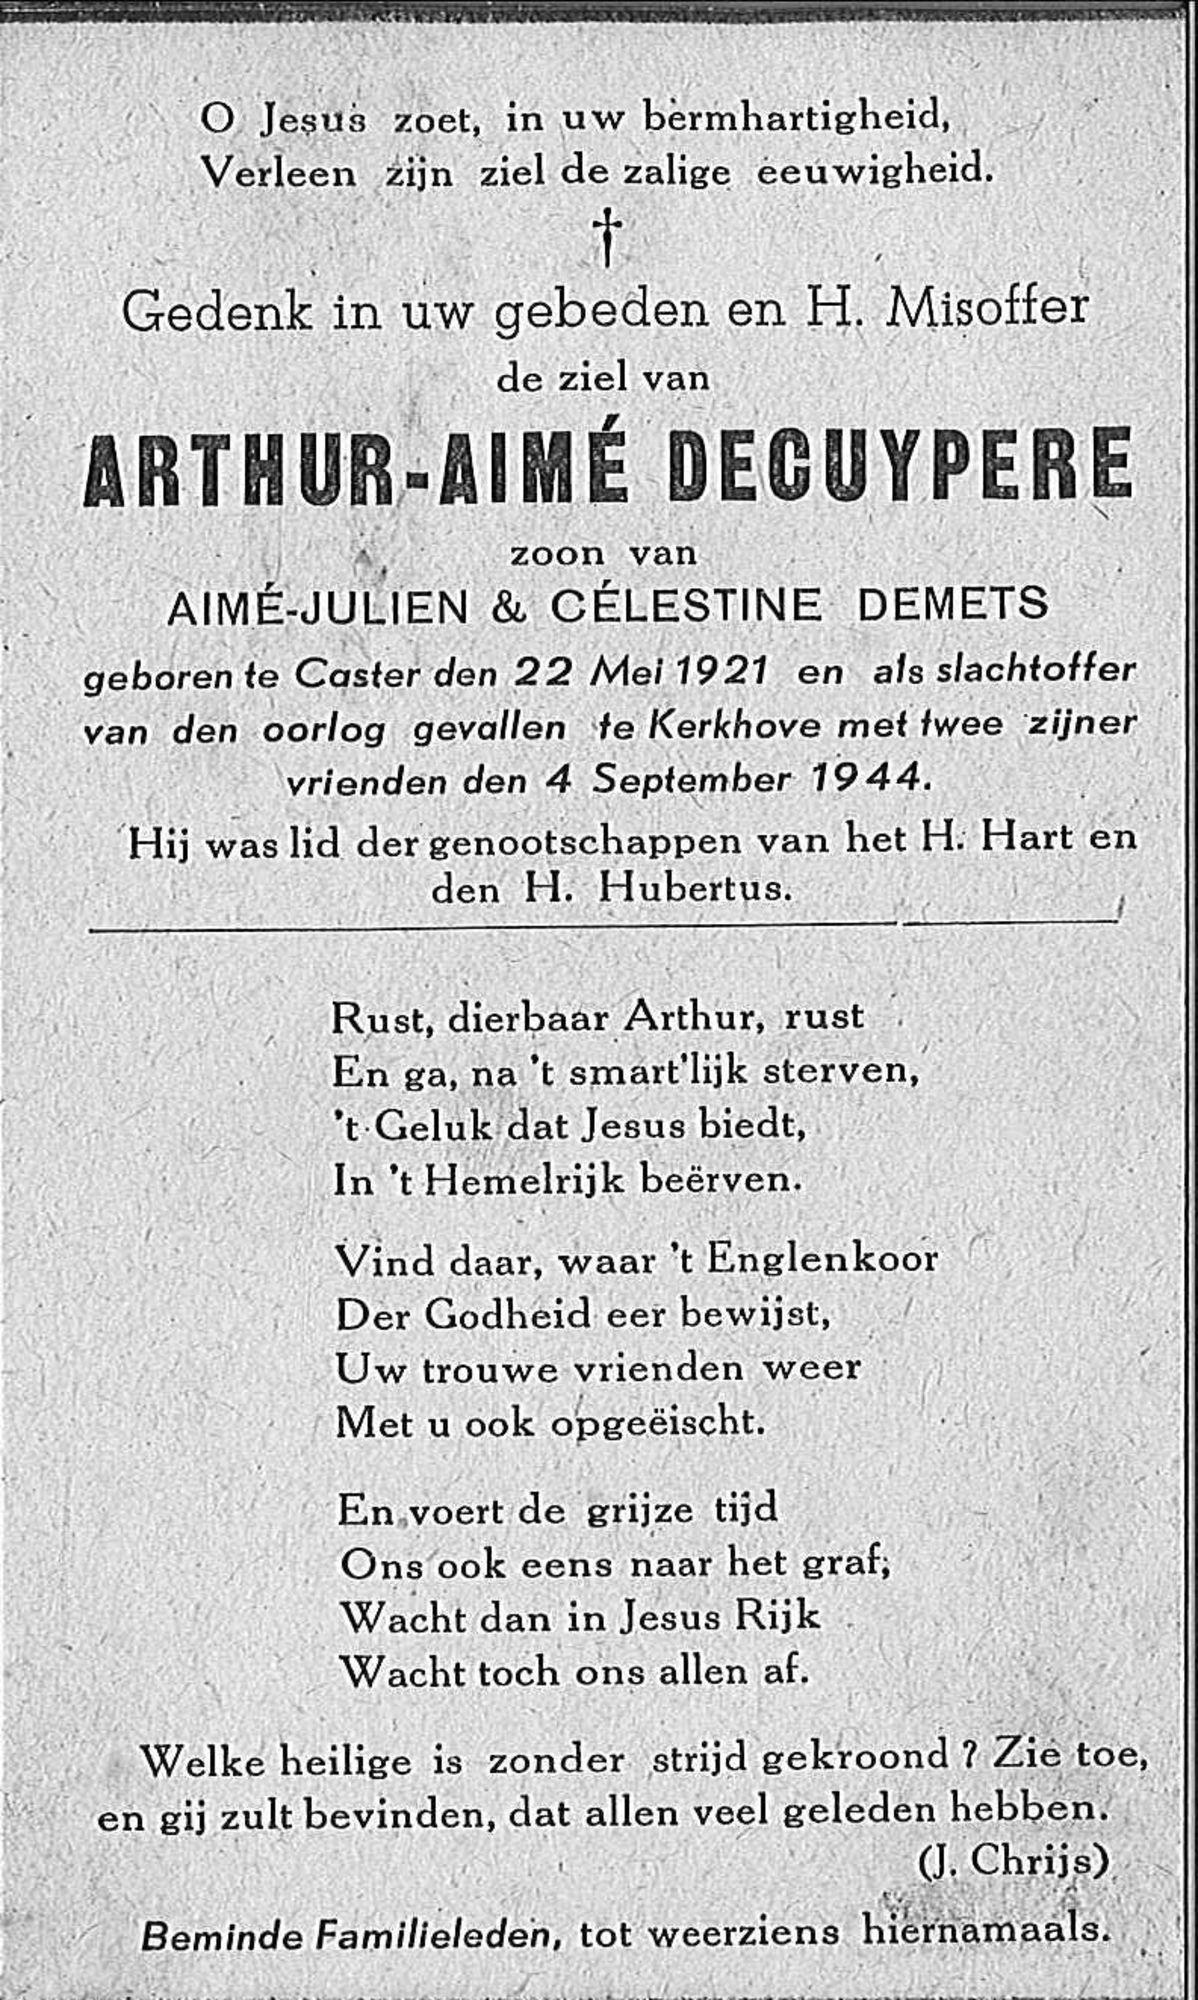 Arthur-Aimé Decuypere